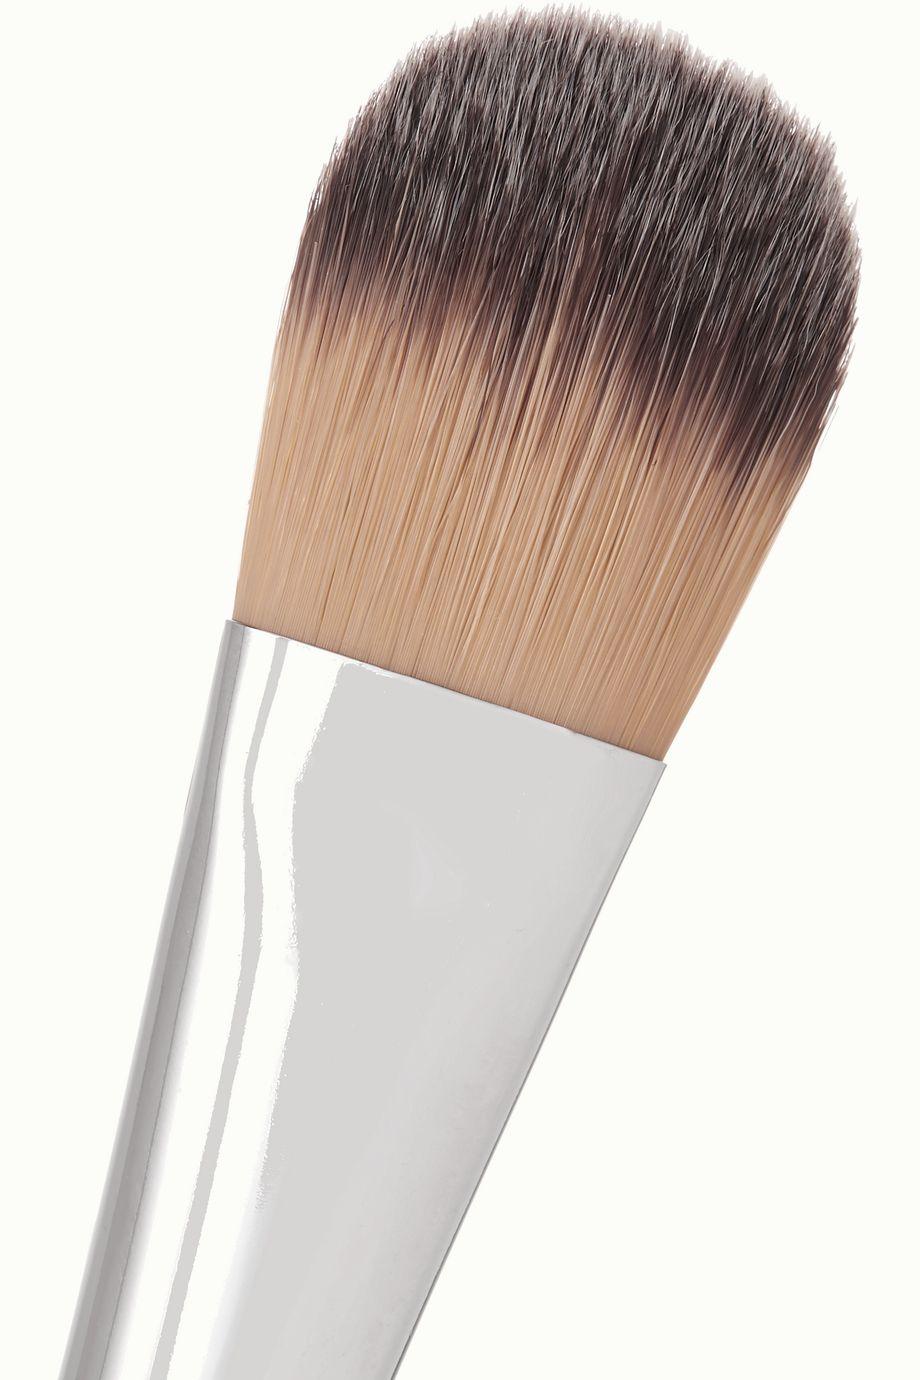 Kjaer Weis Blush Brush – Rougepinsel